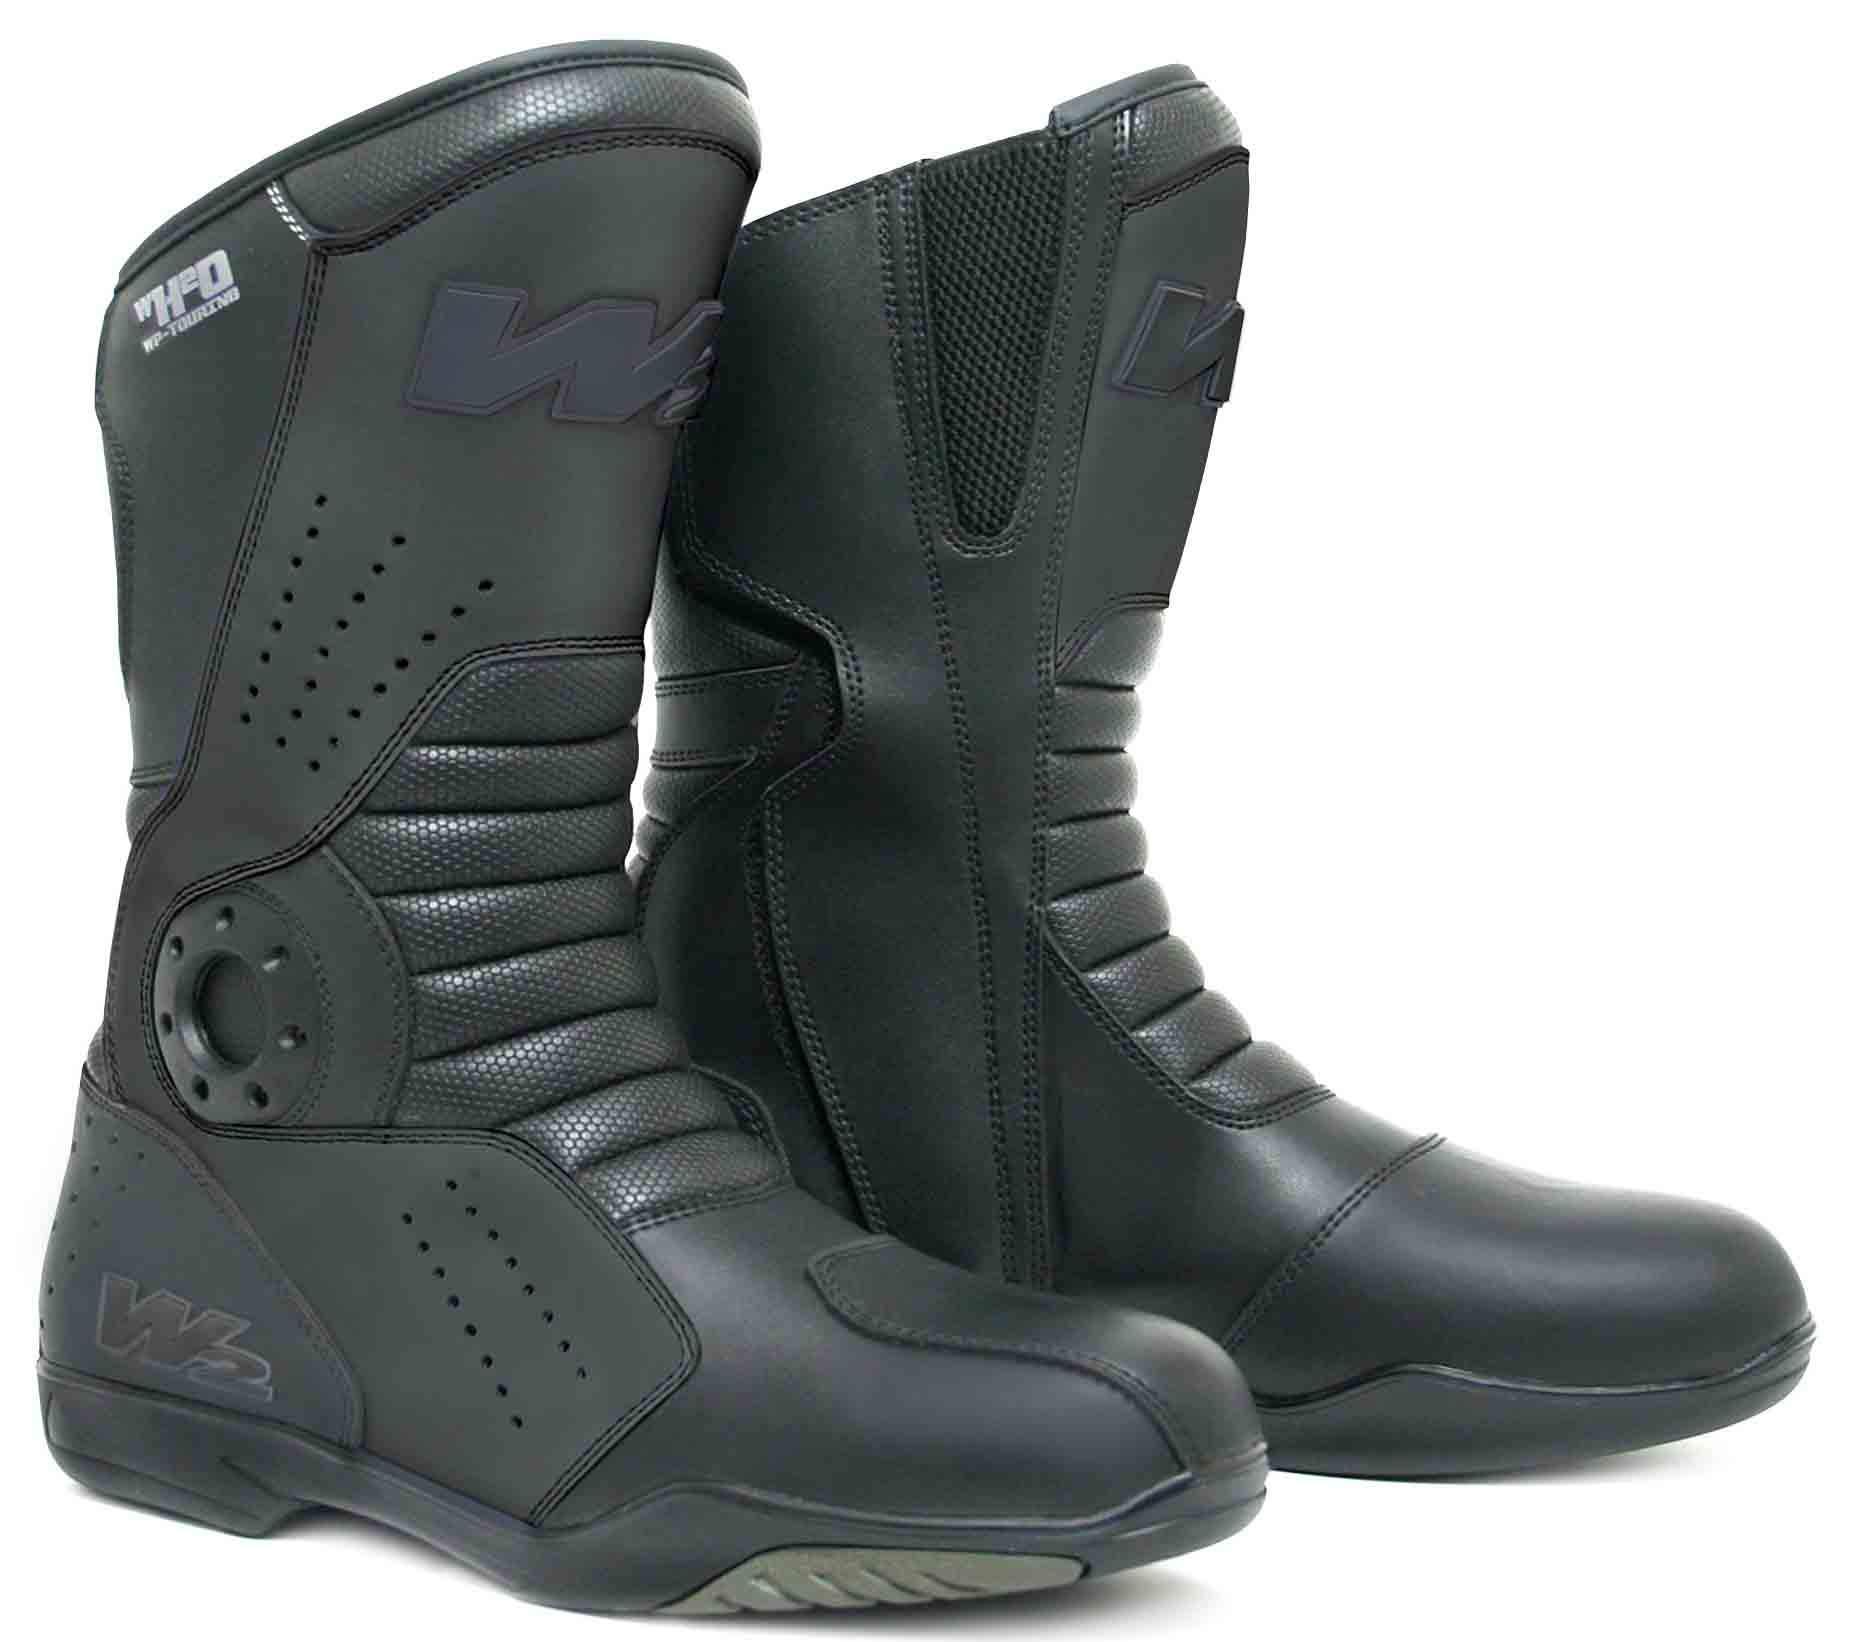 estilo de moda de 2019 zapatos exclusivos precio bajo Botas de moto de carretera W2 T-FP 100% cuero y membrana hypora   Chaquetas  de Moto